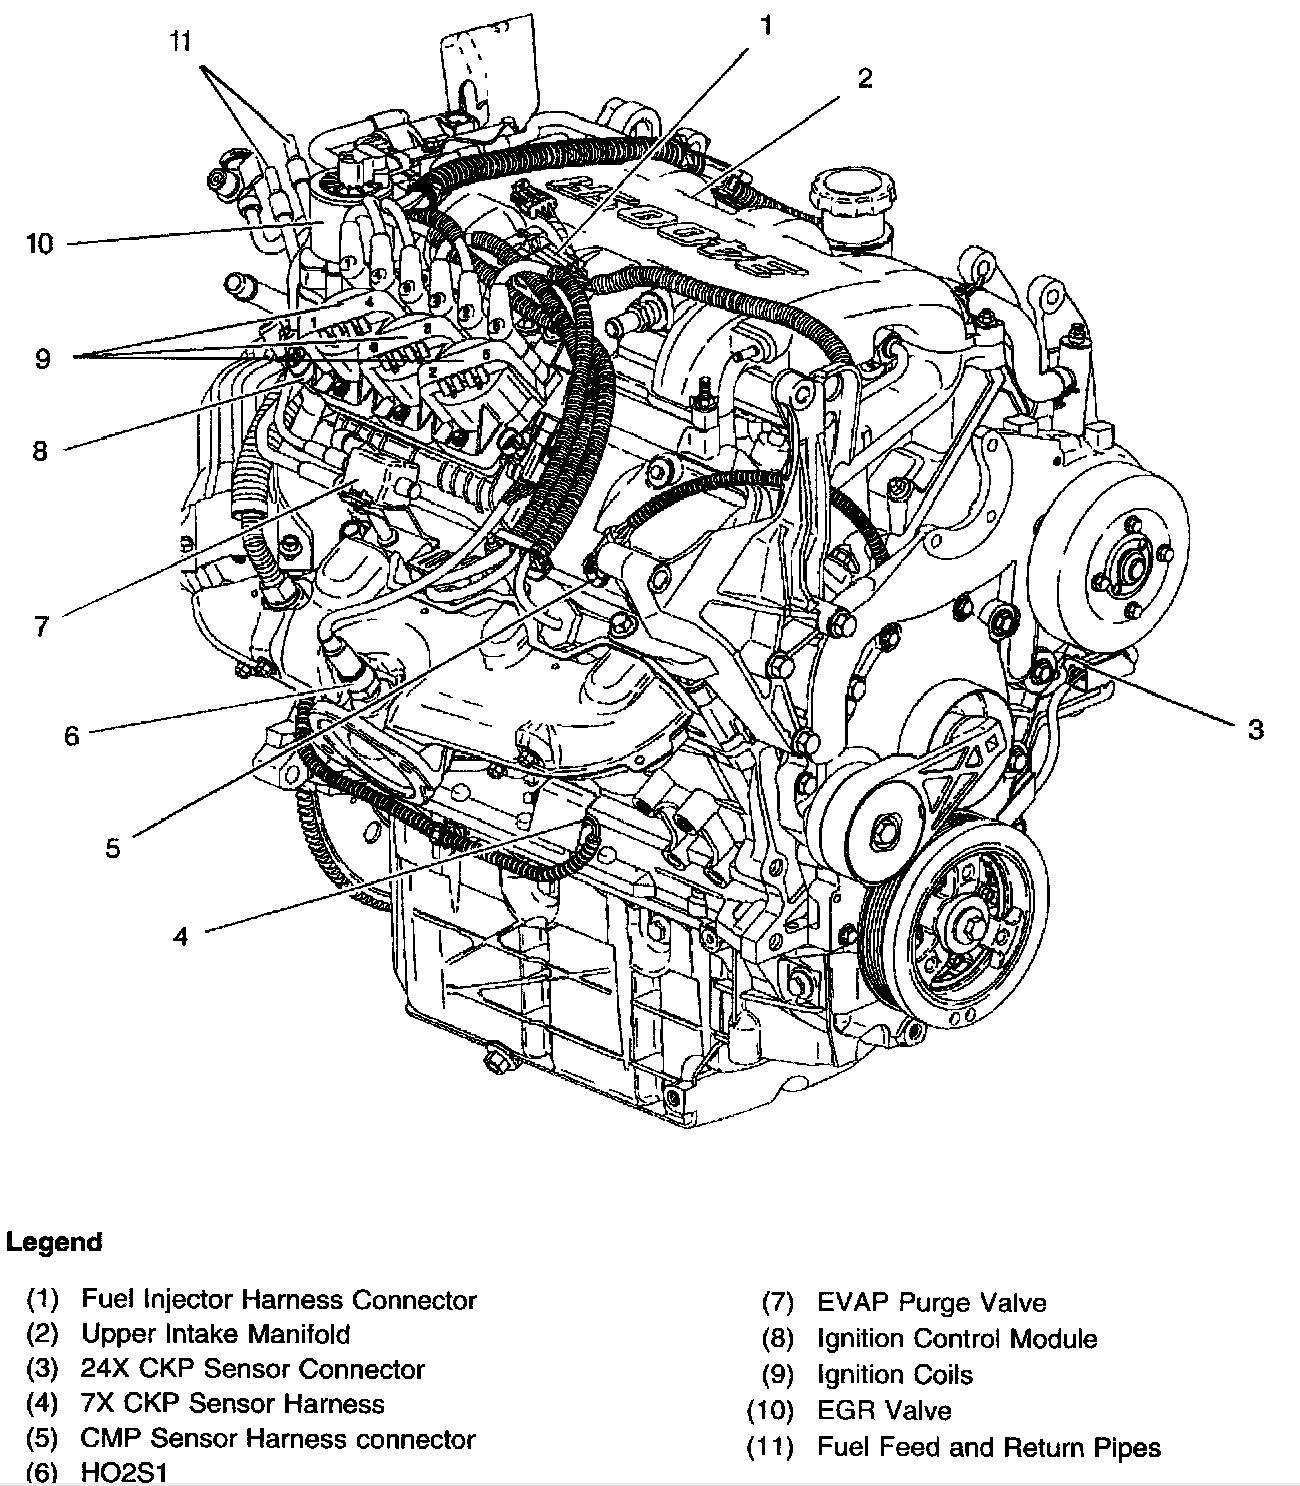 Gm 3800 Engine Diagram V6 Engine Diagram Library Wiring Diagram • Of Gm 3800 Engine Diagram